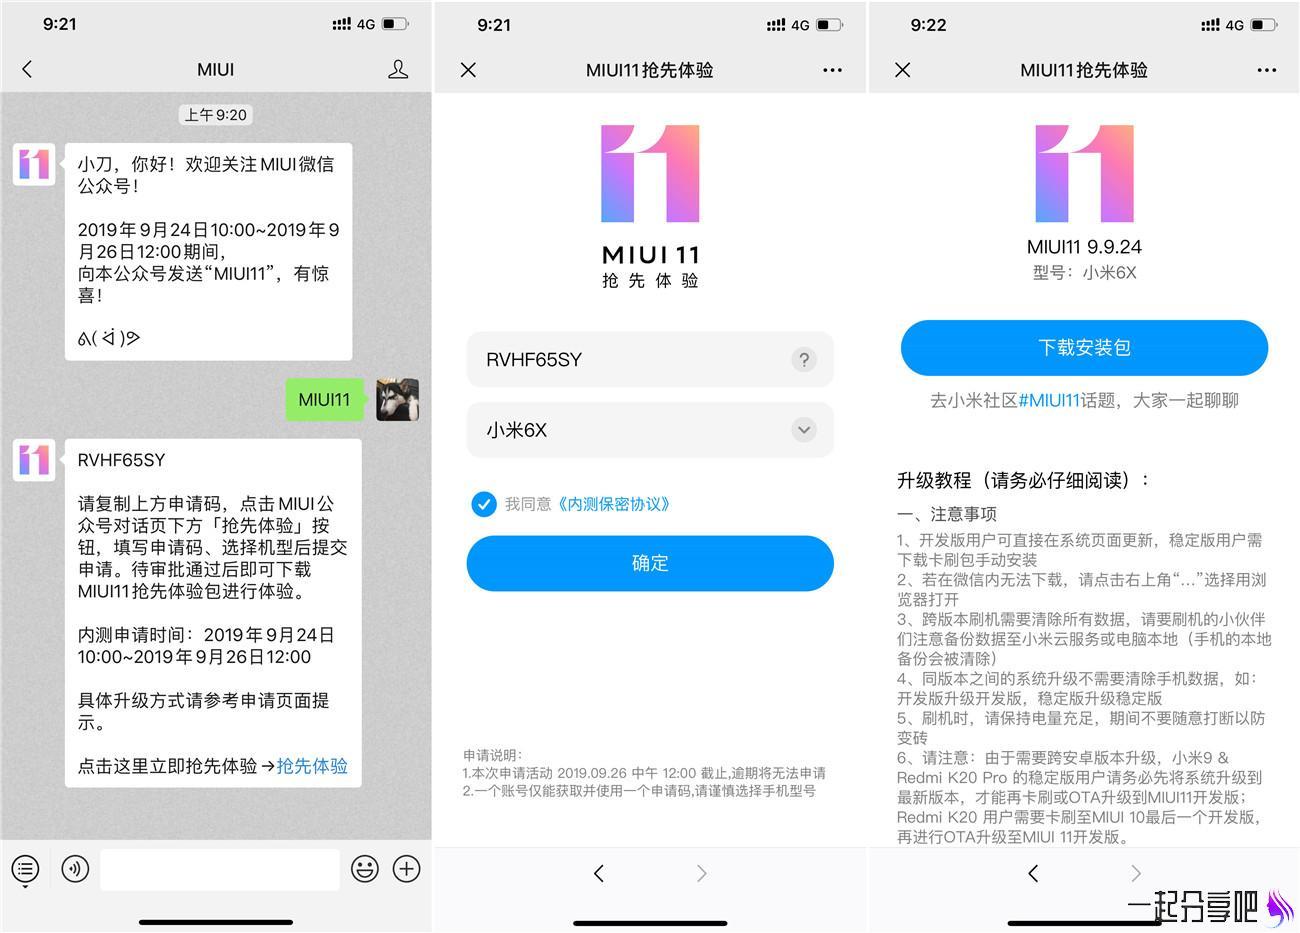 小米用户抢先申请体验MIUI11 第1张